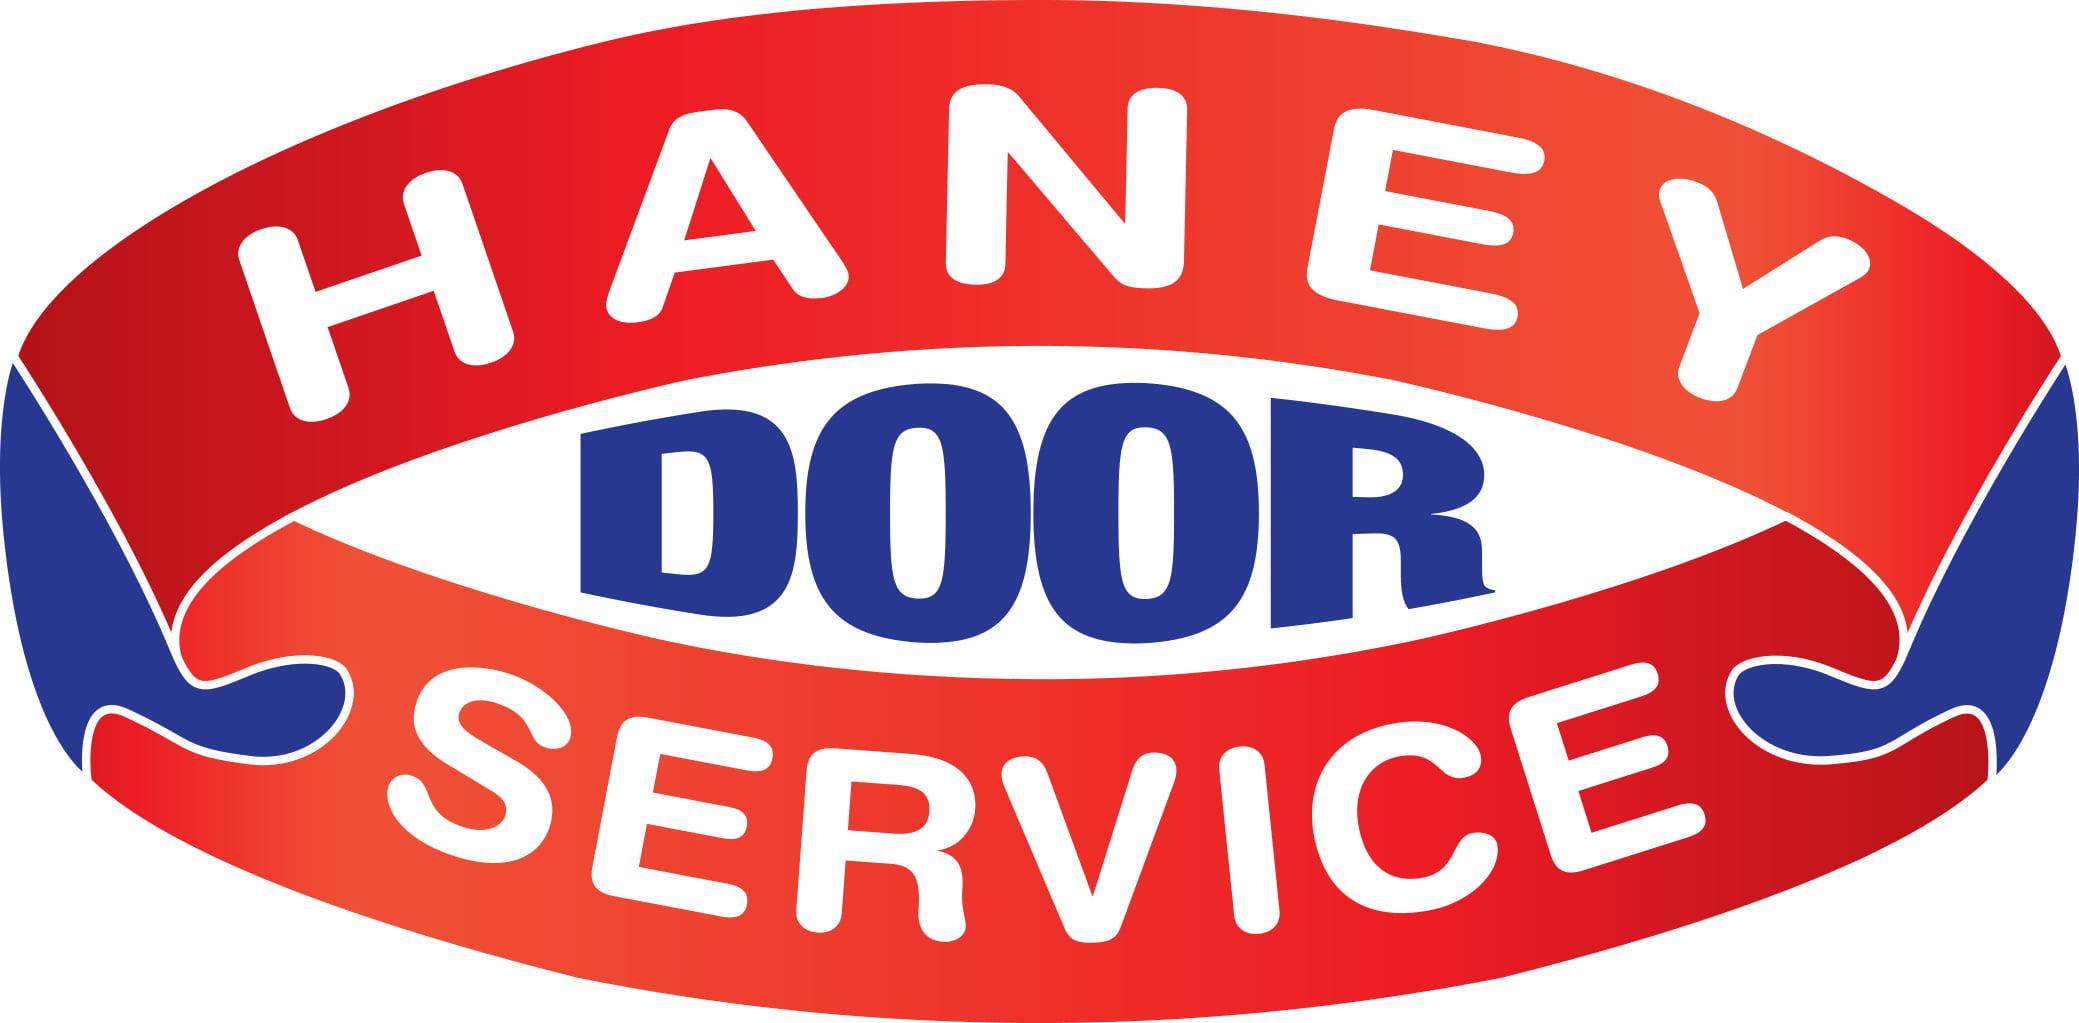 Haney Door Service Provides Top-quality Complete Garage Door Repair Services